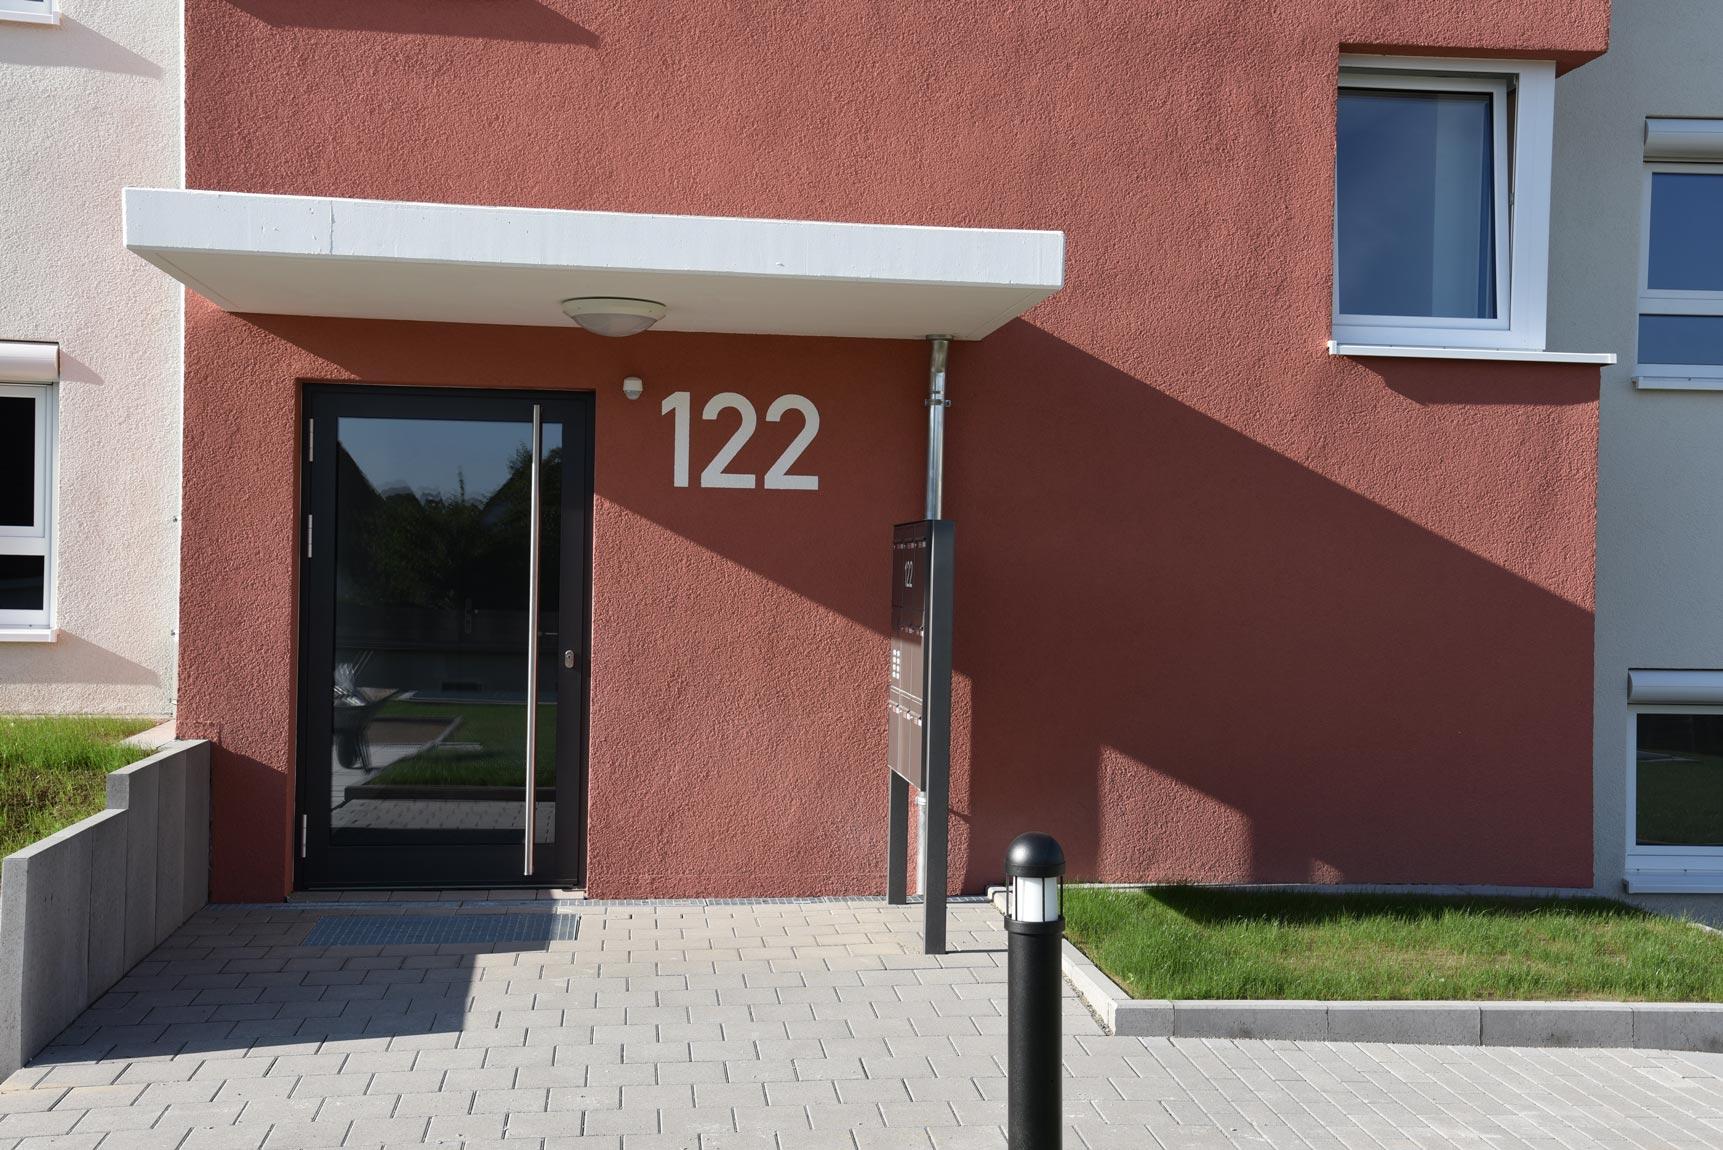 Eingang 122